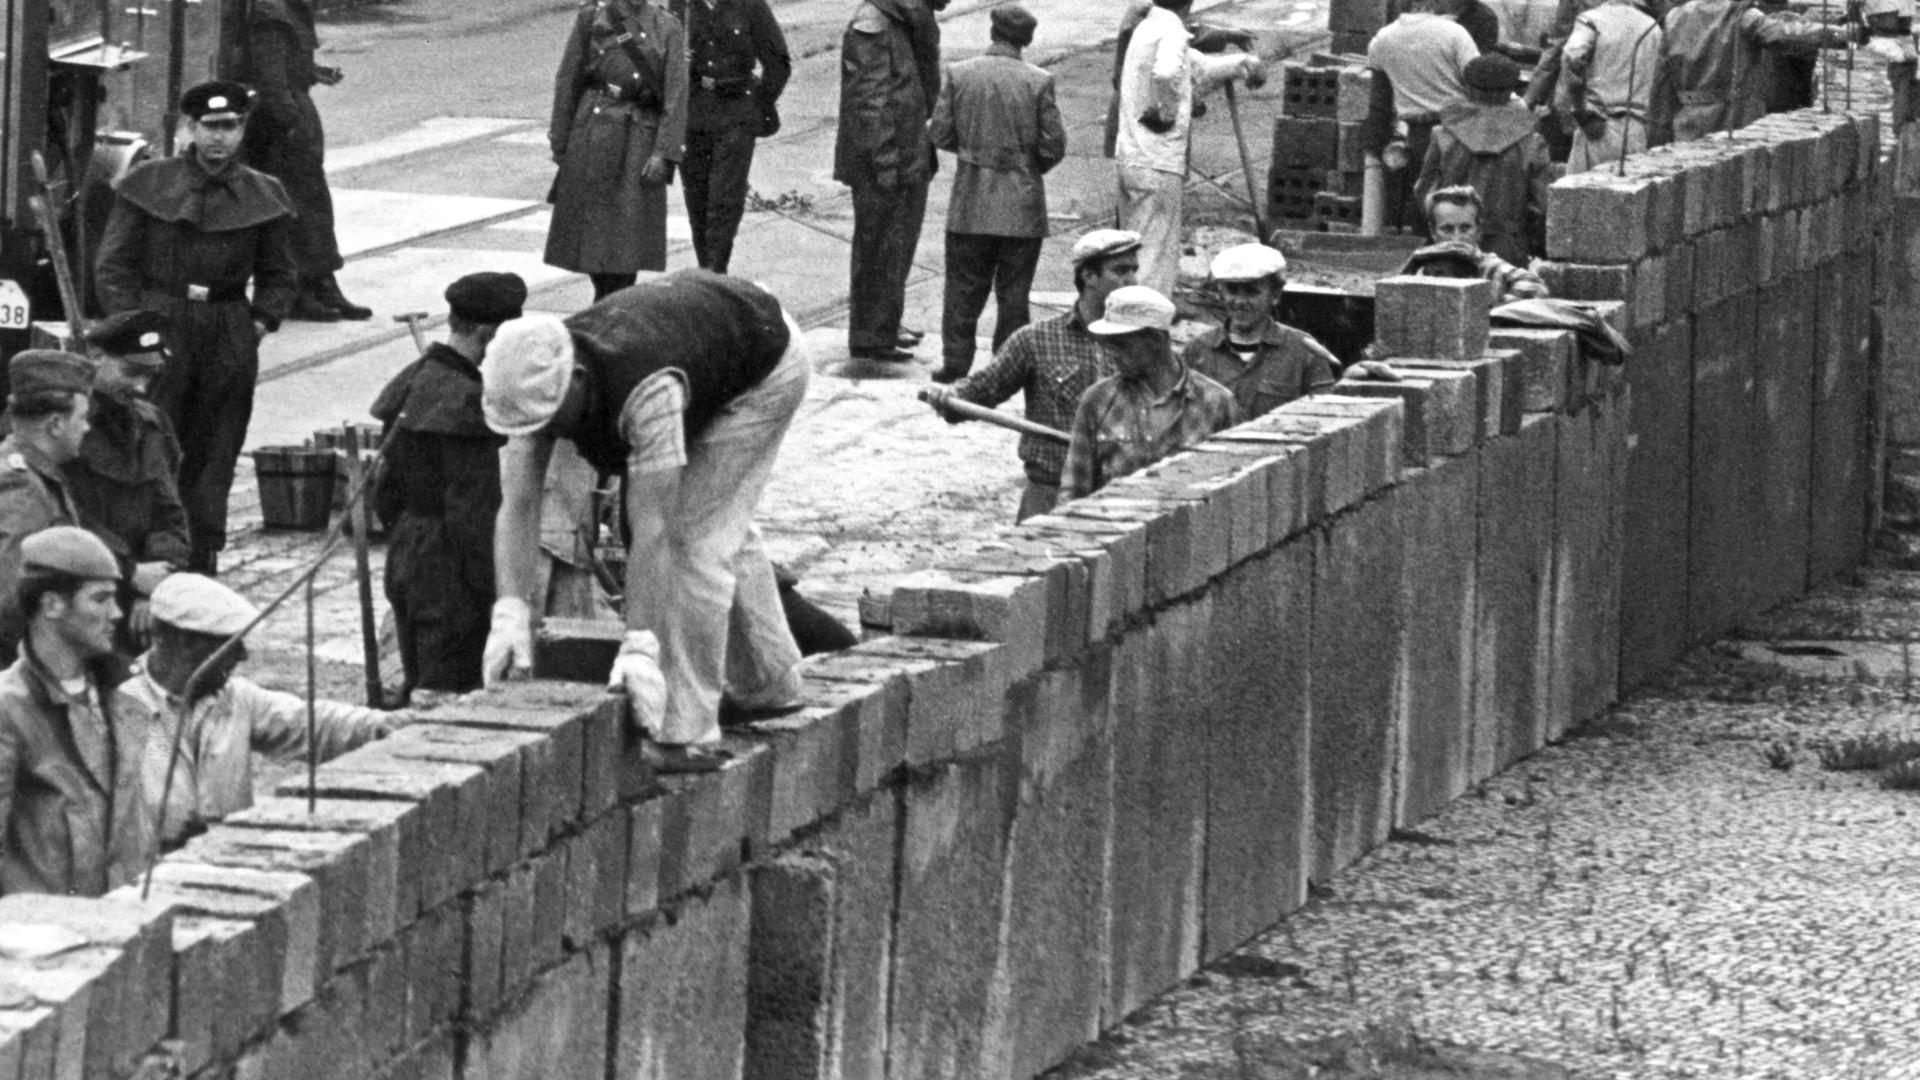 Unter der Aufsicht von bewaffneten Volkspolizisten errichtet eine Ostberliner Maurerkolonne am an der sowjetisch-amerikanischen Sektorengenze am Potsdamer Platz eine Mauer.